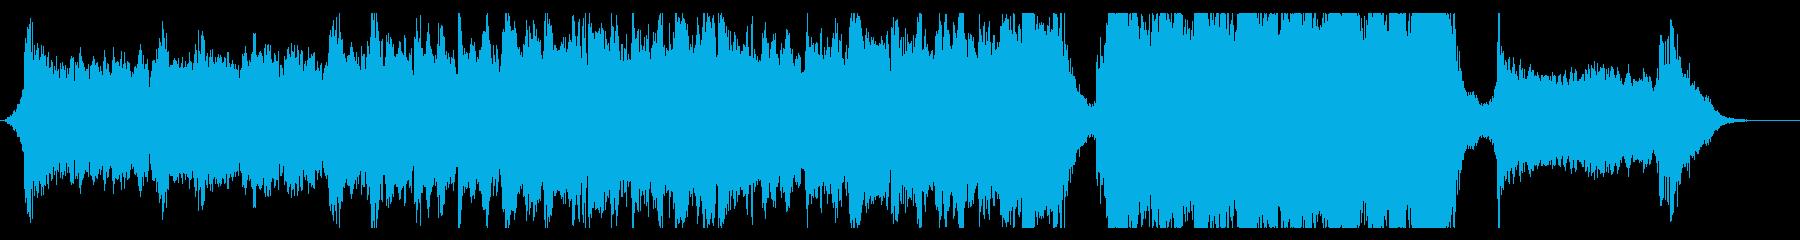 ハリウッド映画風の壮大なオーケストラ7Dの再生済みの波形